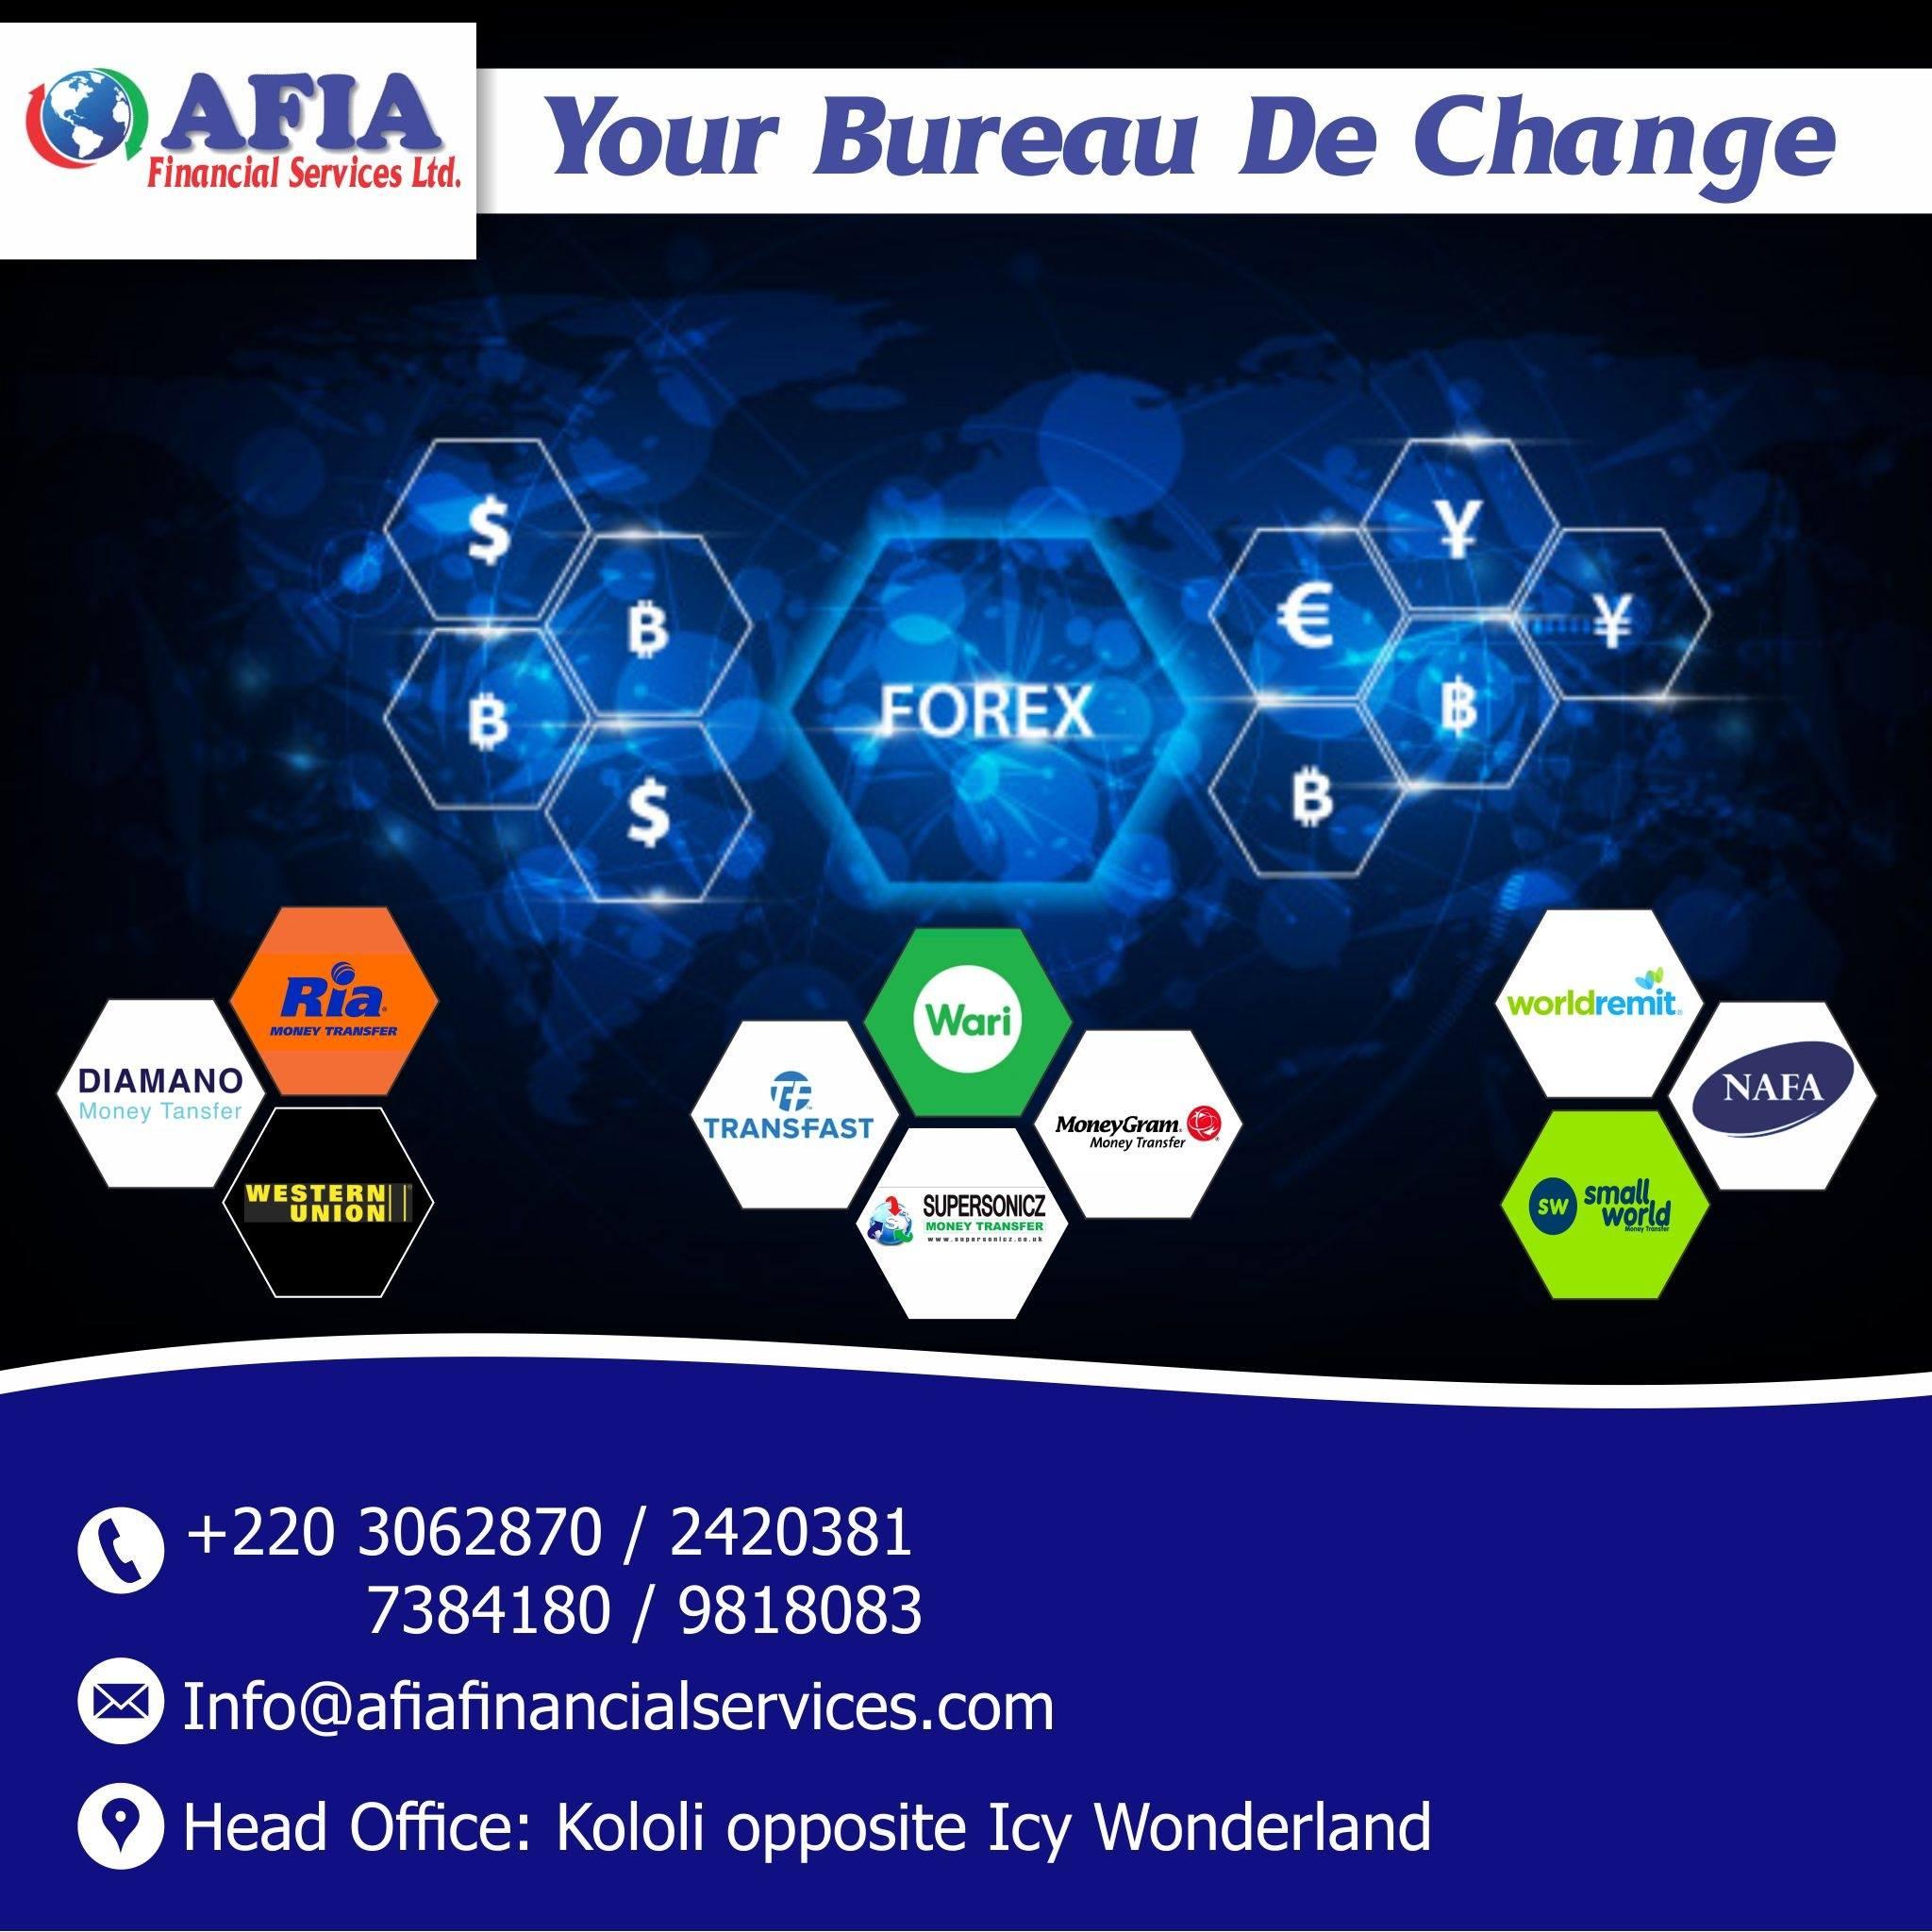 Afia Financial Services and Bureau De Change